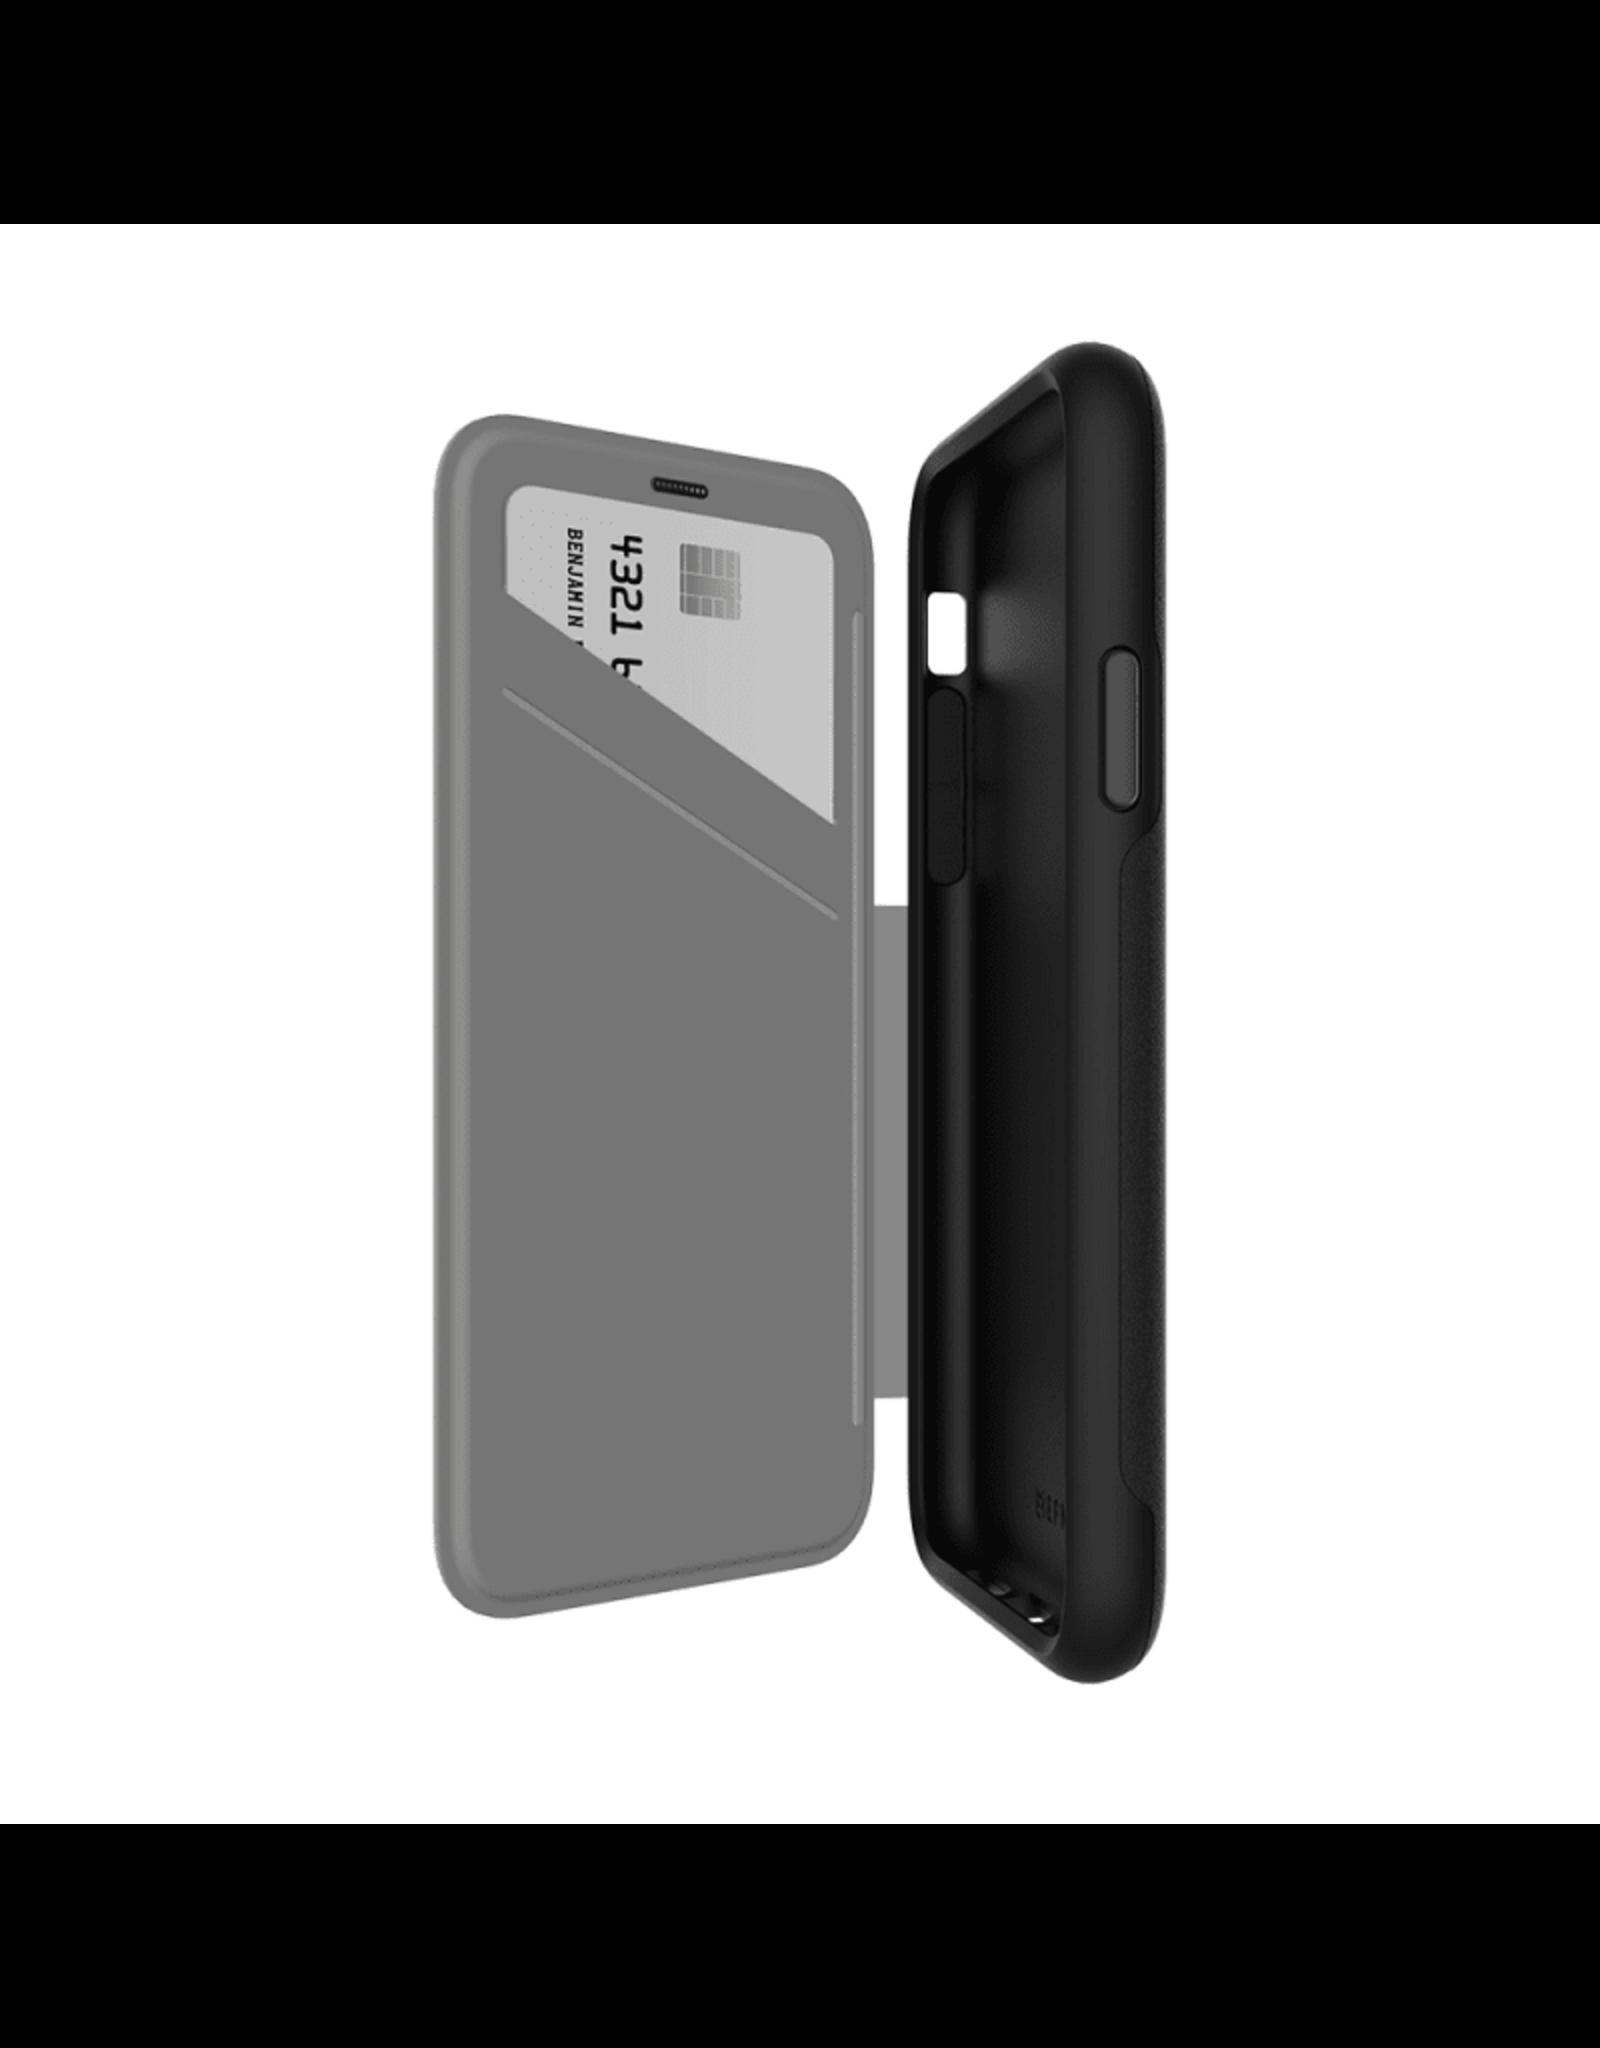 EFM EFM Monaco D3O Leather Wallet Case suits New iPhone Xs - Black/Space Grey EOL